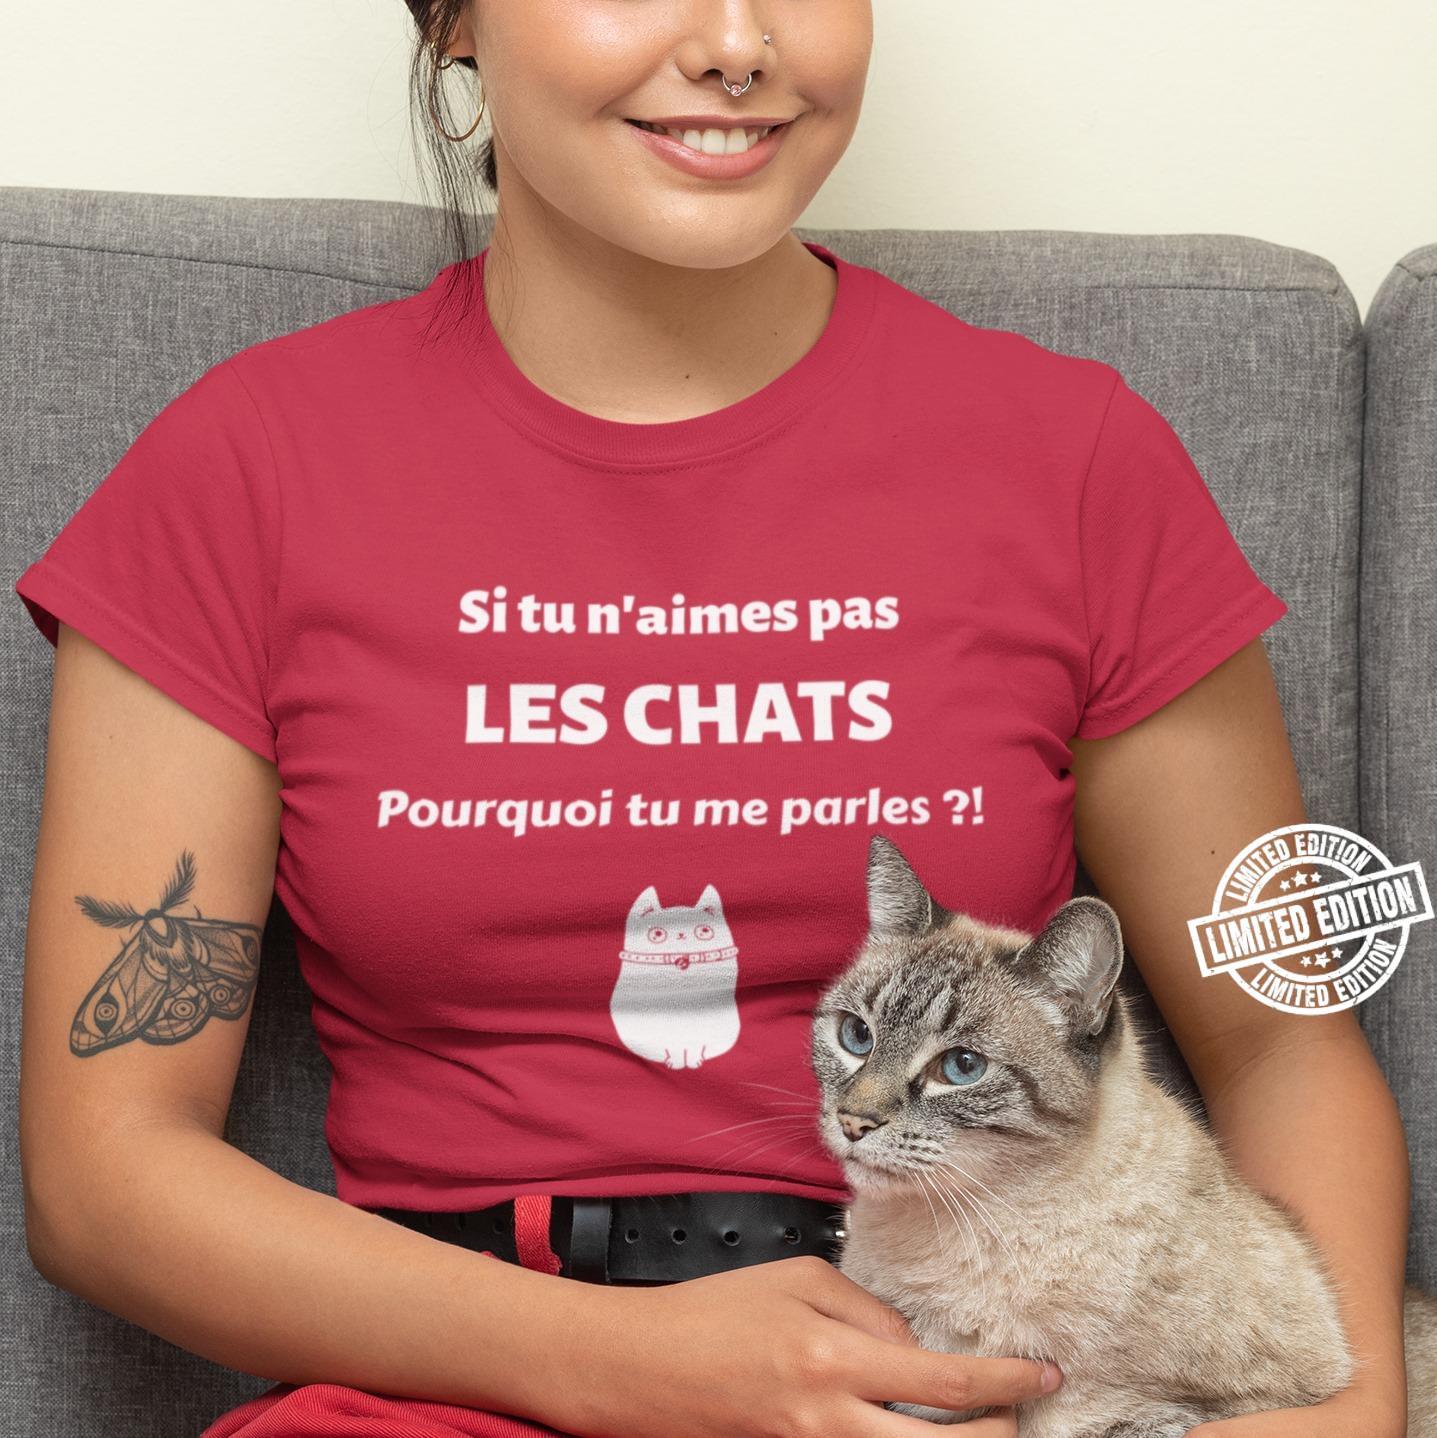 Si tu n'aimes pas les chats pourquoi tu me parles shirt